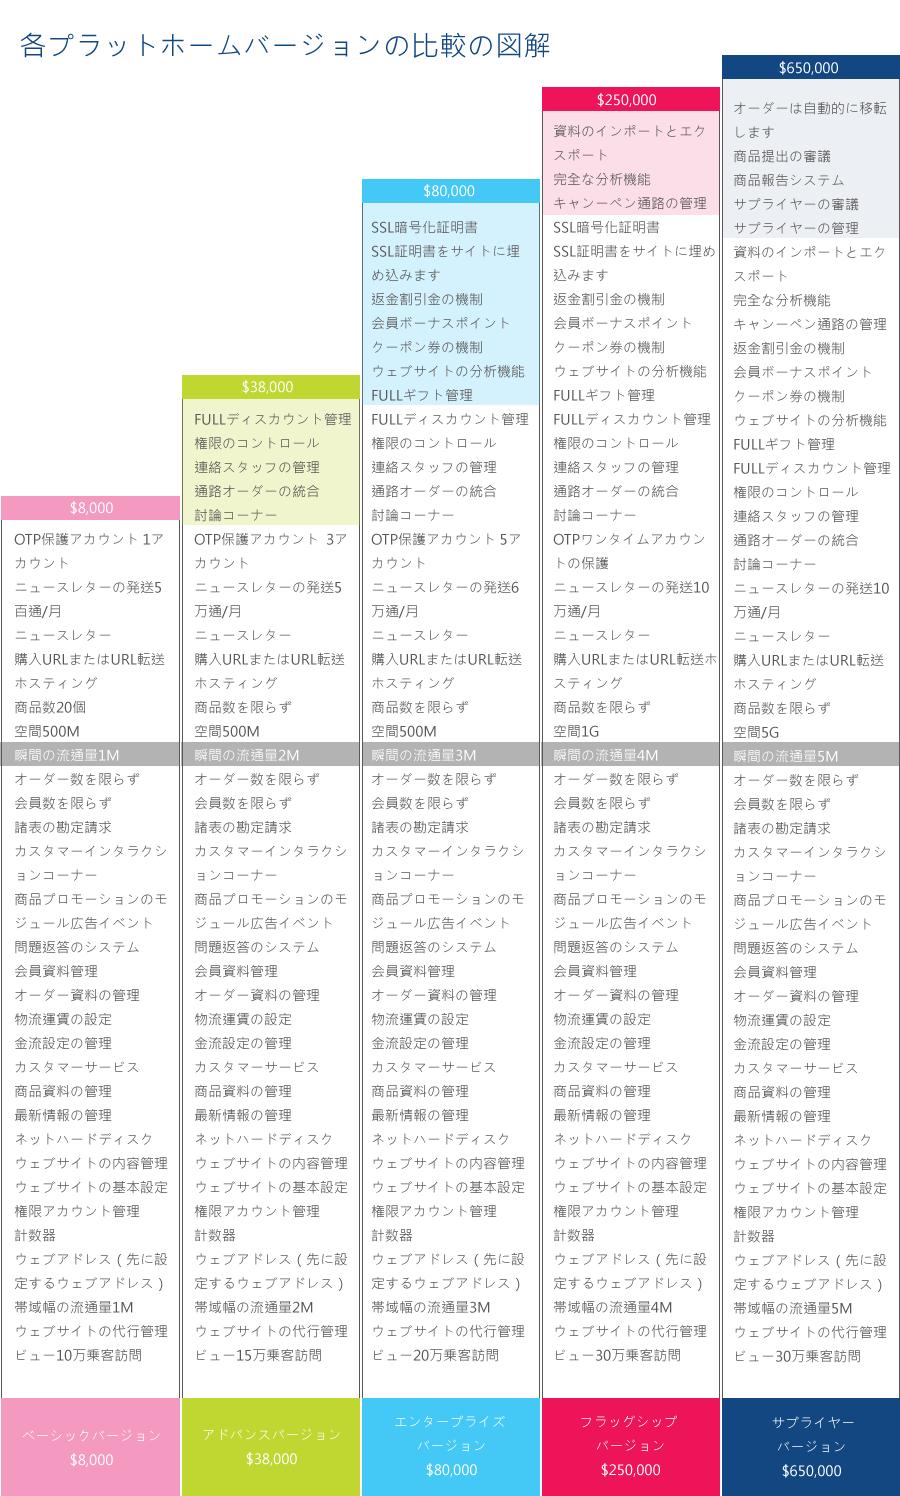 各プラットホームバージョンの比較の図解(日文版)